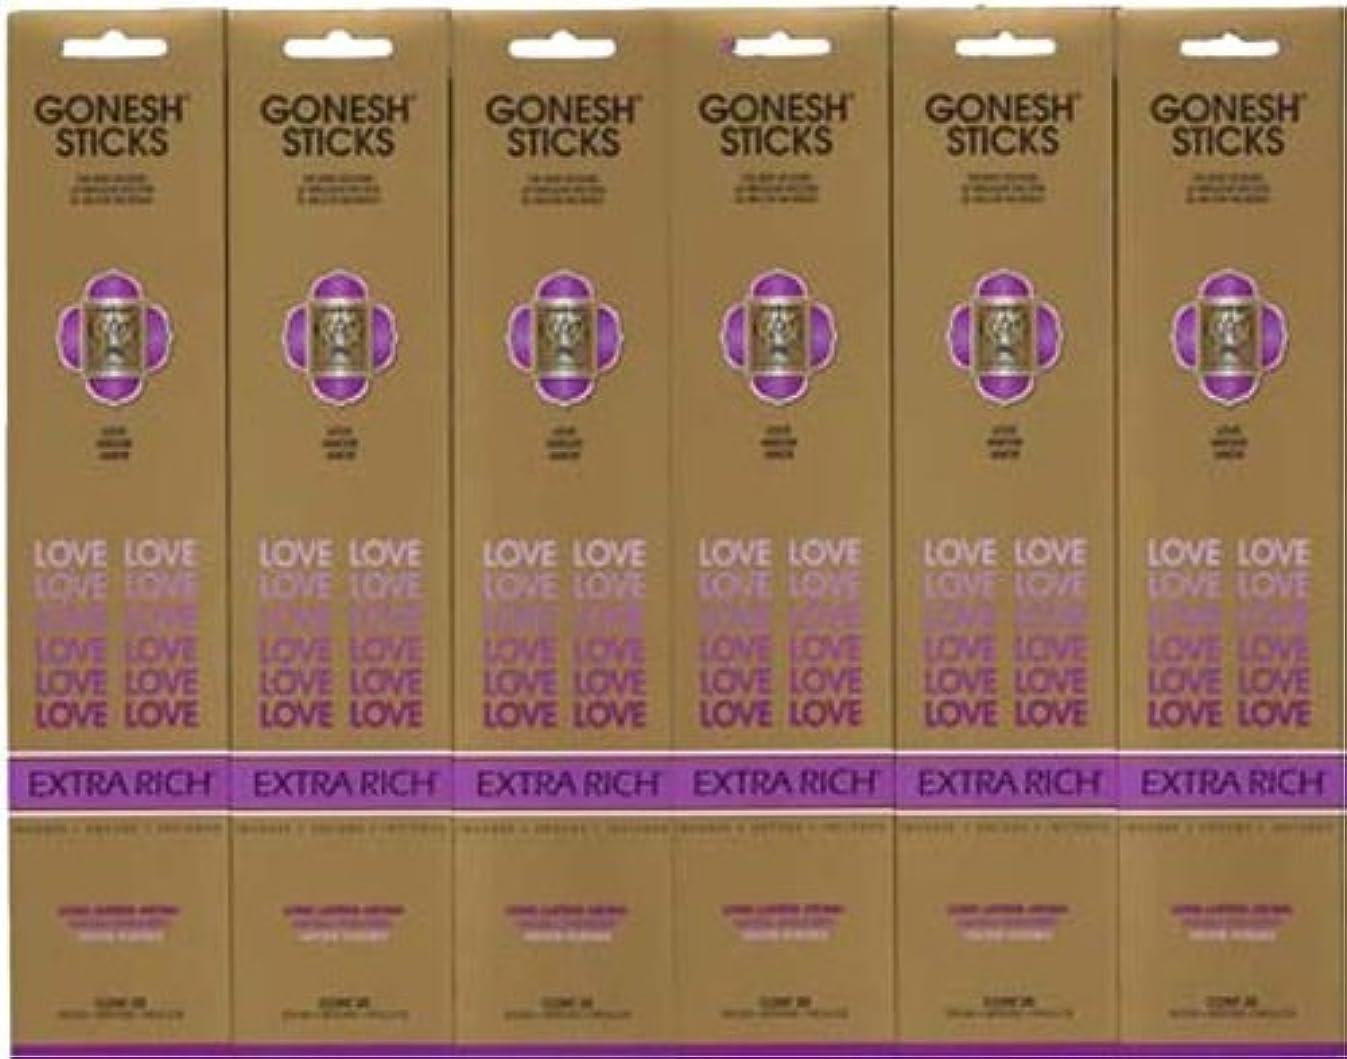 ピルファー通知する太陽GONESH LOVE ラブ スティック 20本入り X 6パック (120本)